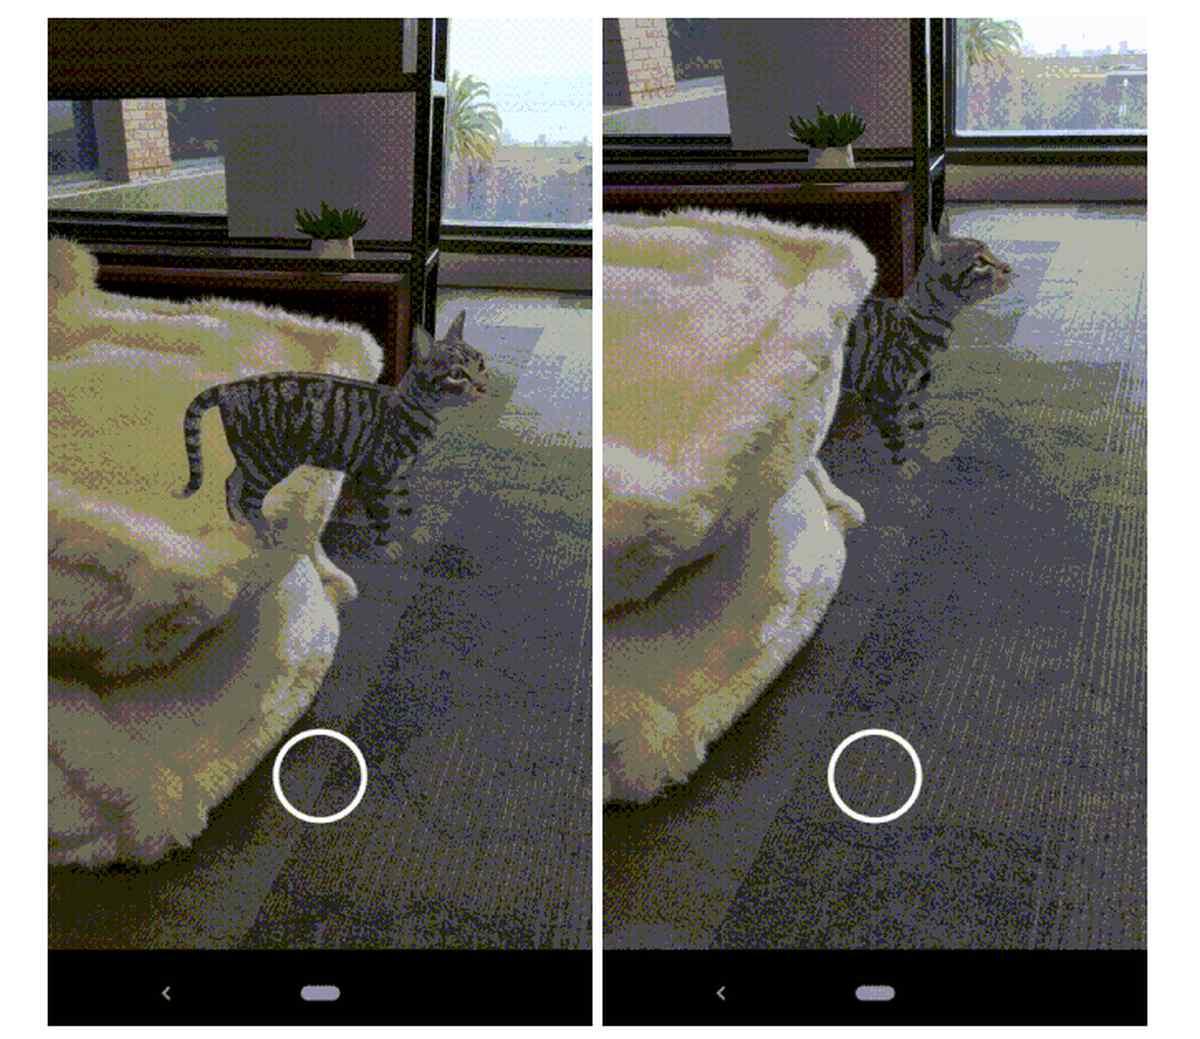 Google añade más realismo a través de la profundidad en su plataforma de Realidad Aumentada